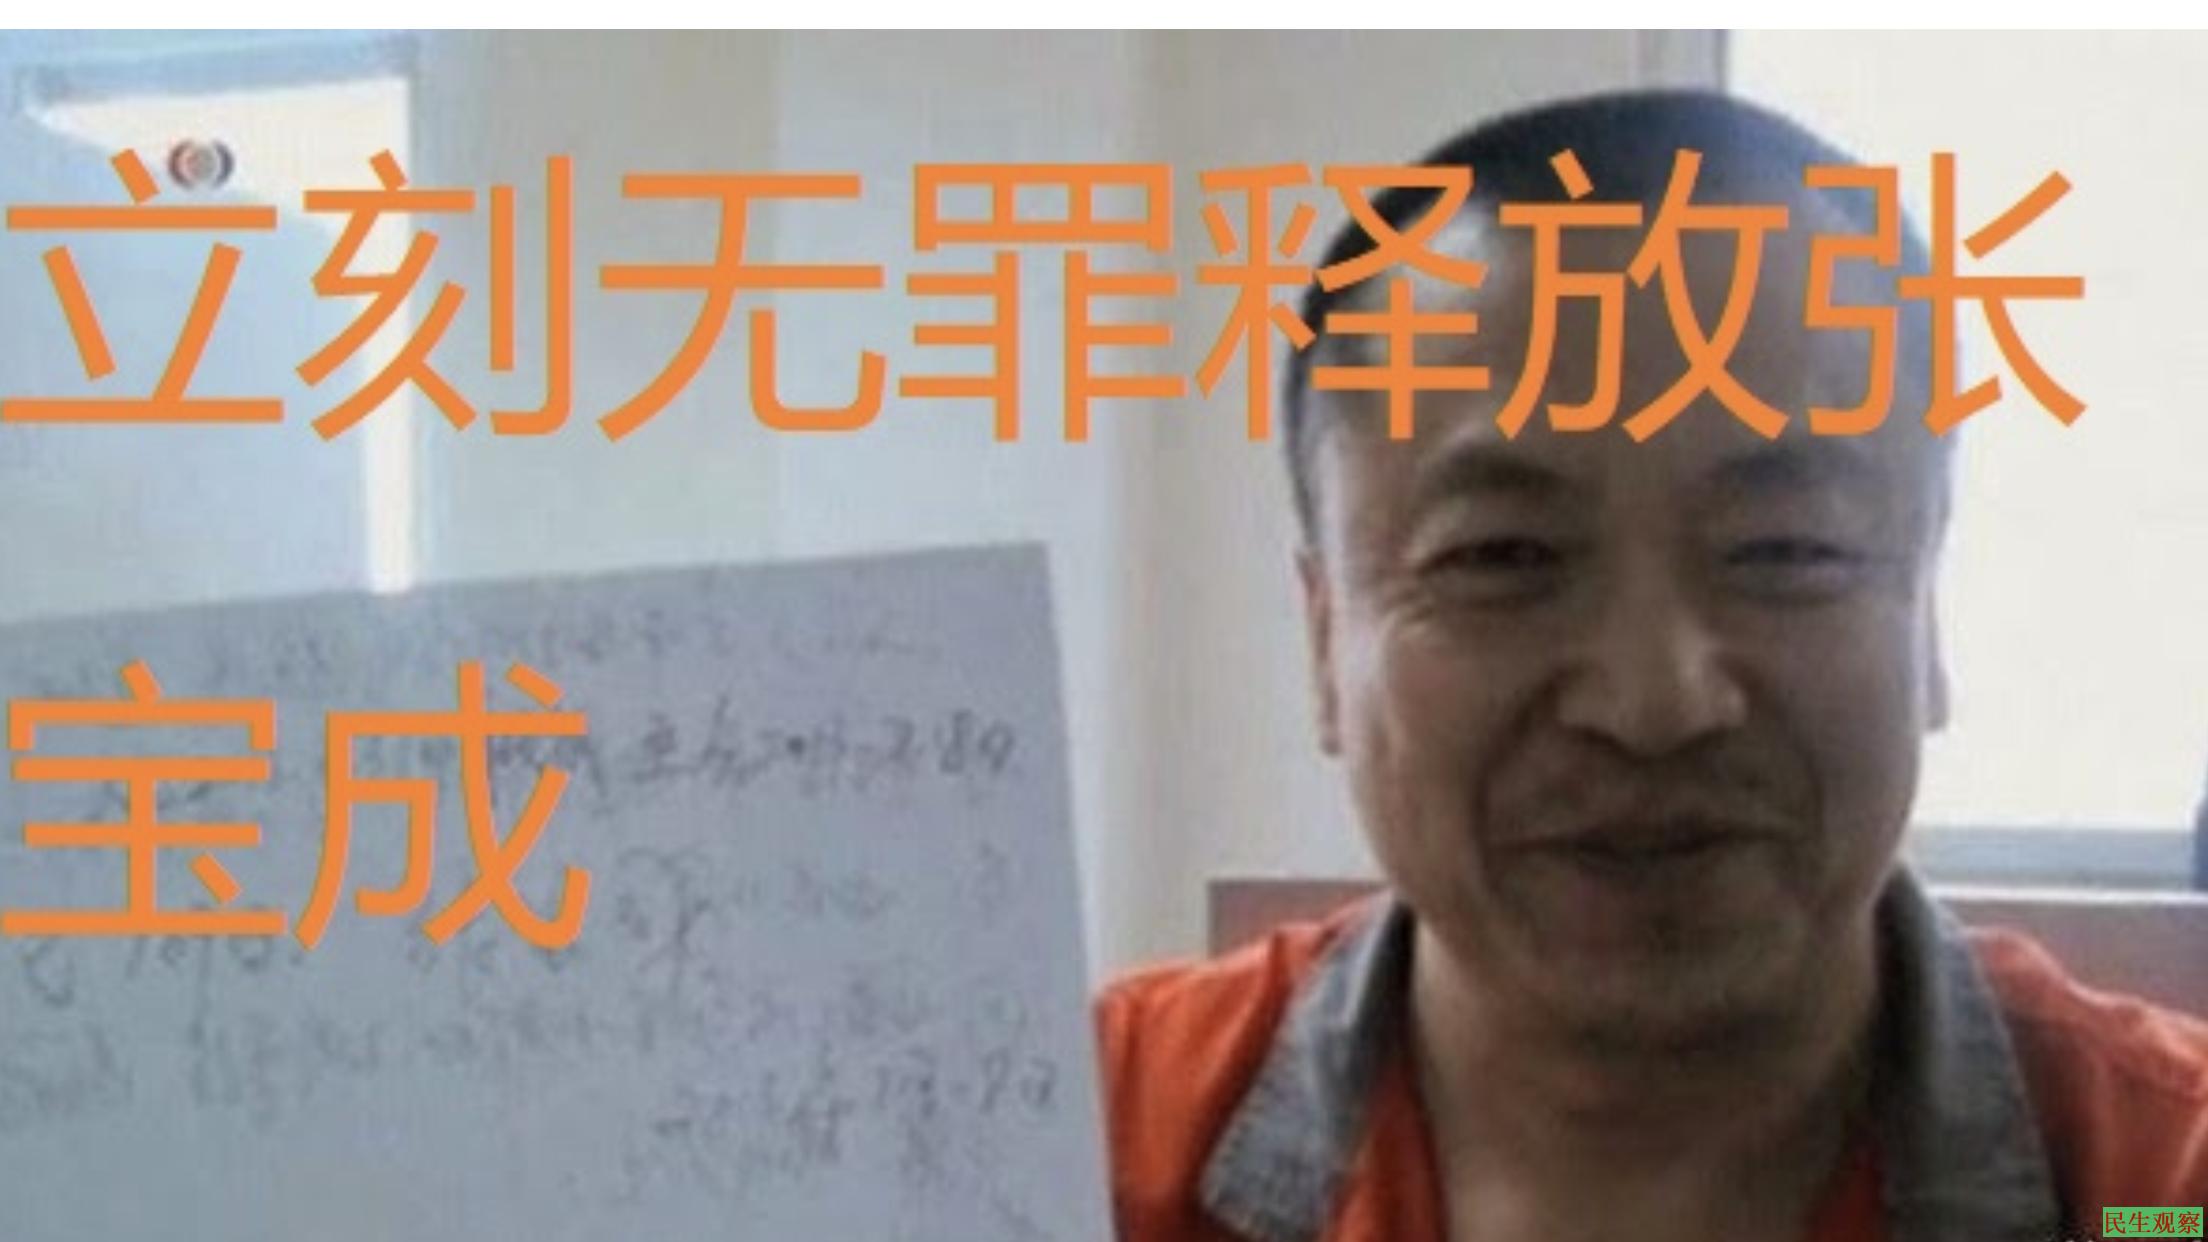 民生观察:栽赃涉恐是中共极权当局镇压公民运动的新罪行